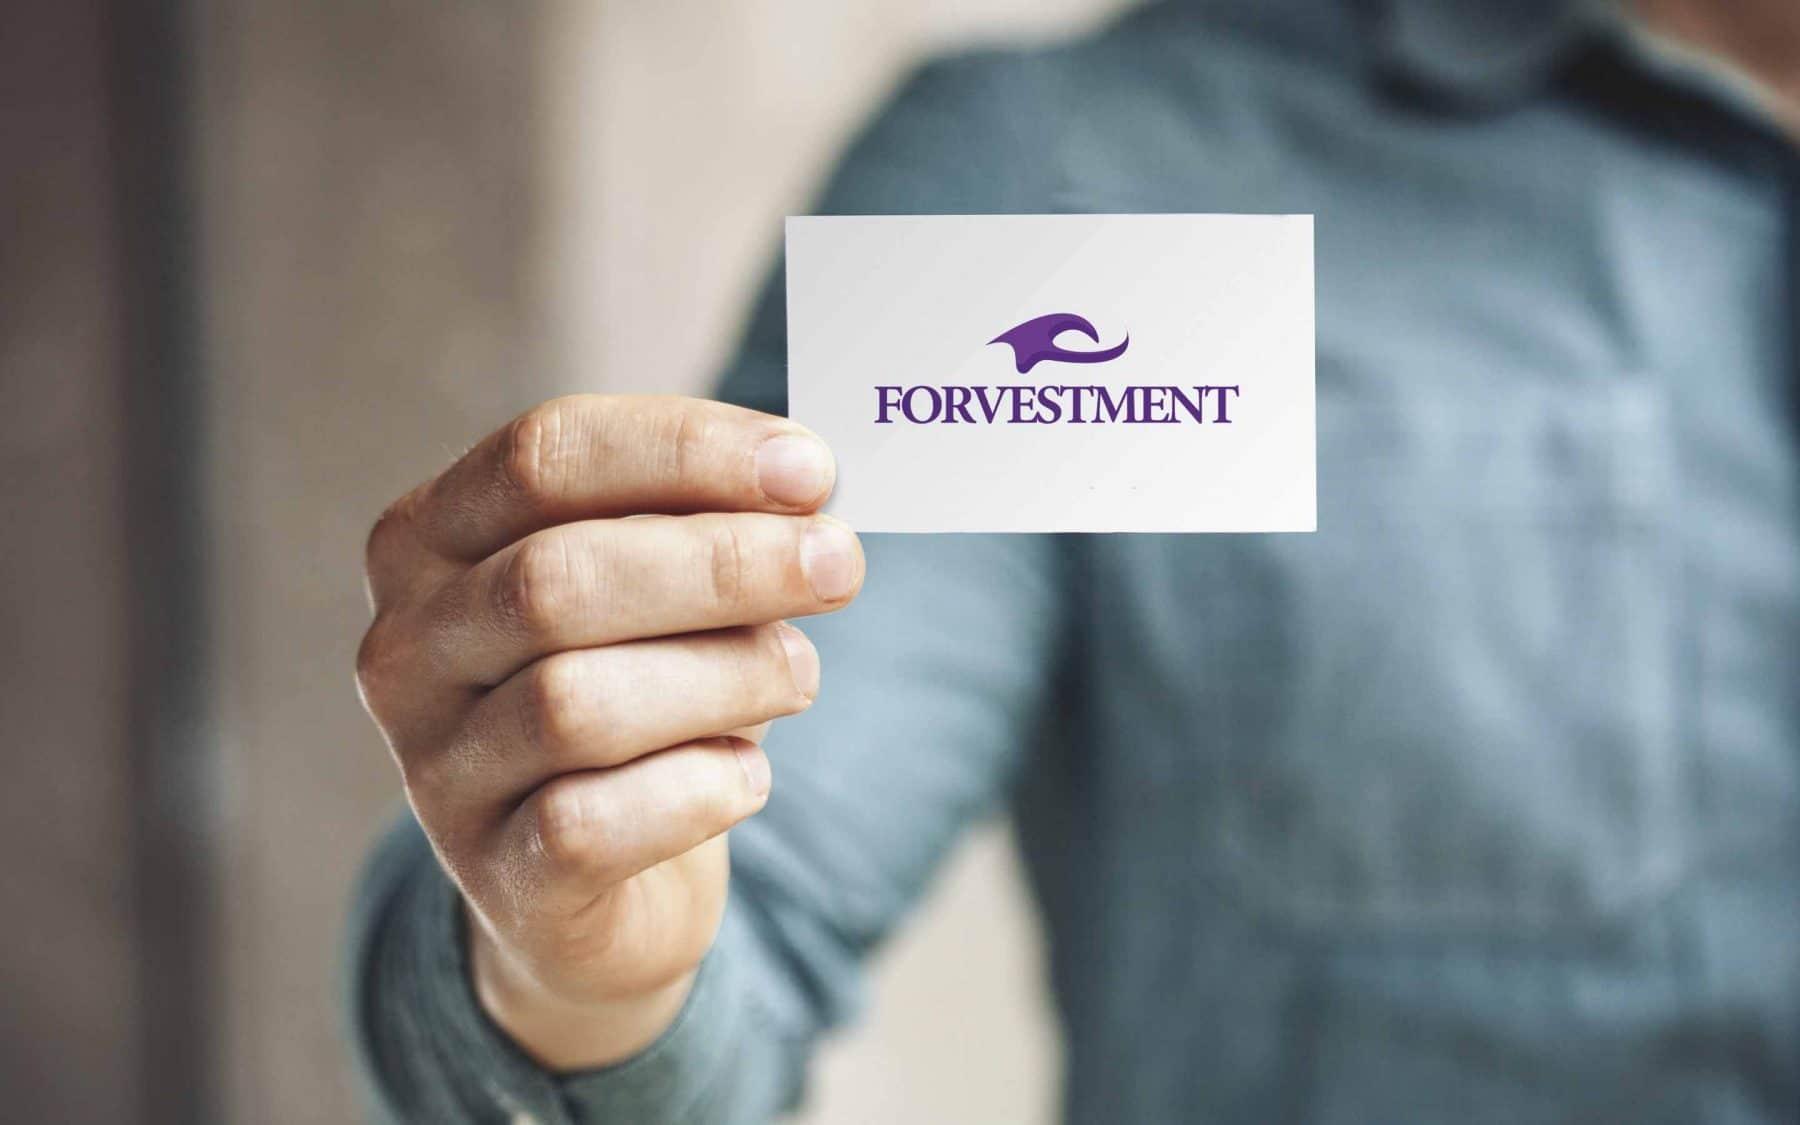 Forvestment 1